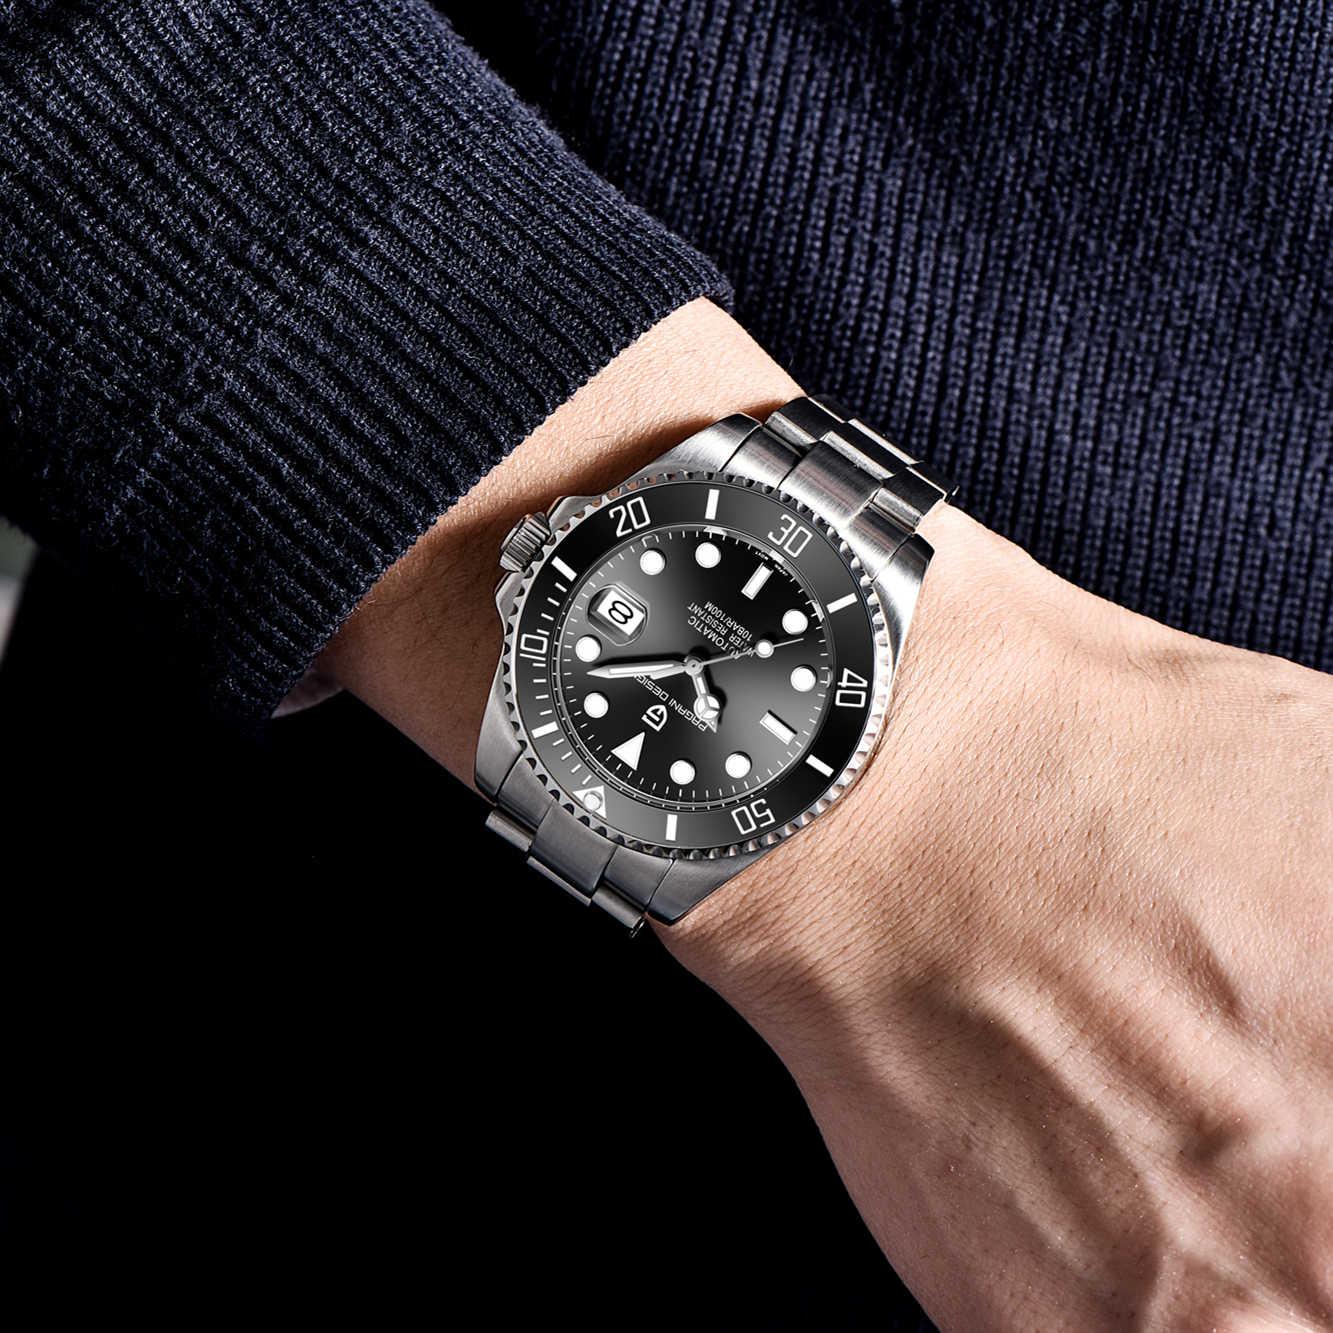 パガーニデザインの高級メンズ自動ステンレス鋼腕時計 100 メートル防水スポーツ腕時計機械式時計リロイhombre